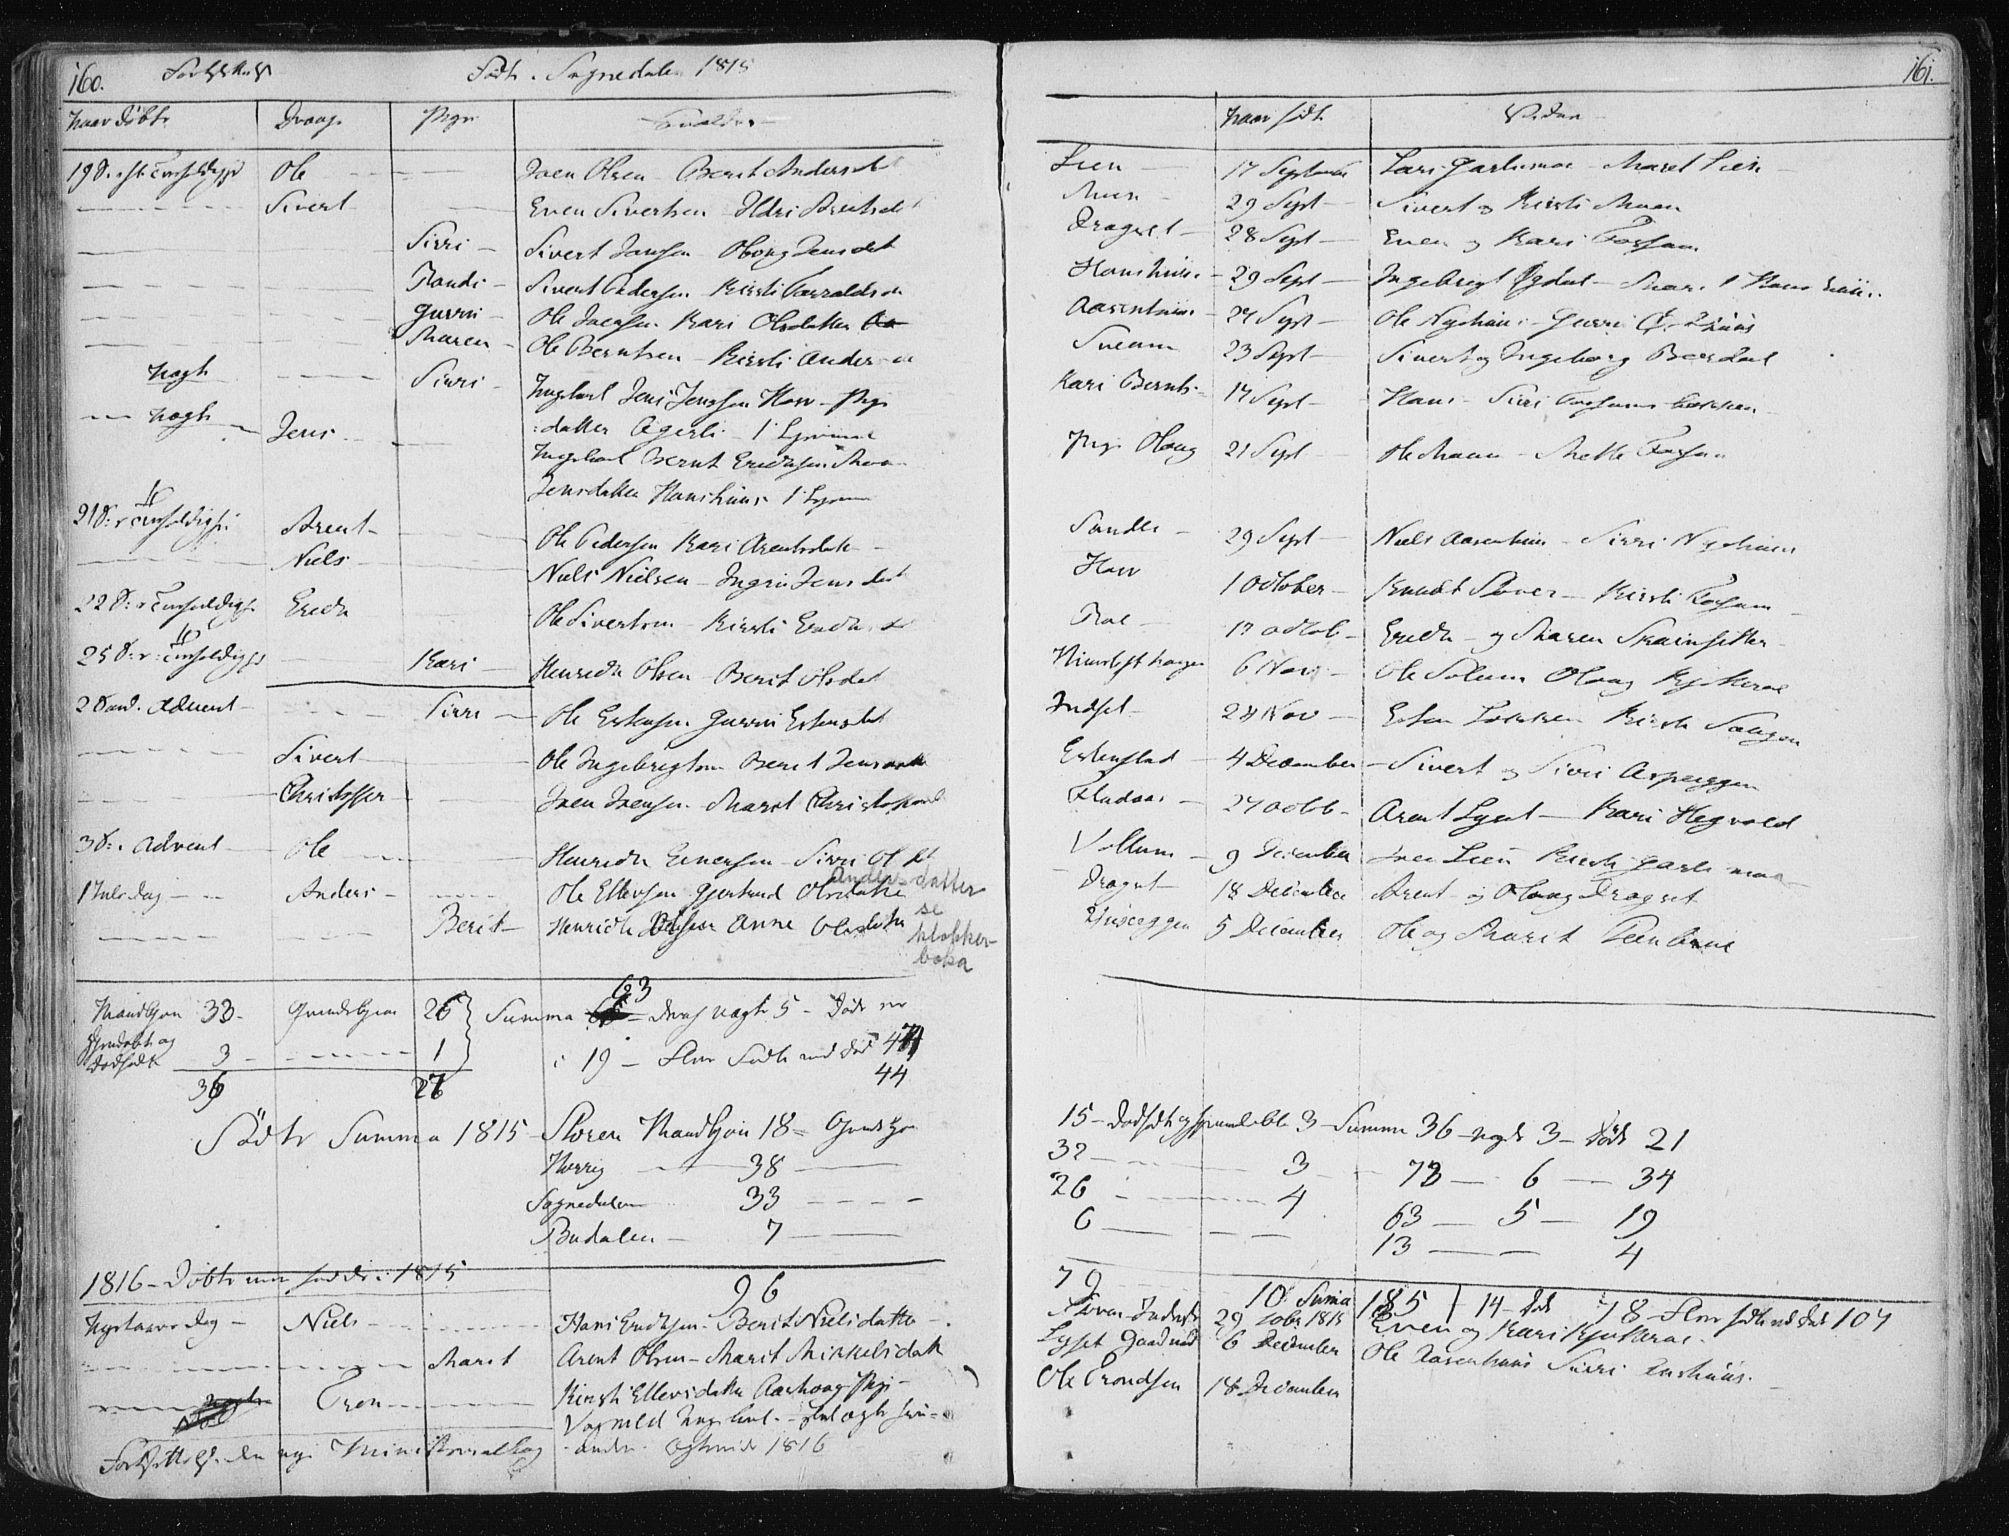 SAT, Ministerialprotokoller, klokkerbøker og fødselsregistre - Sør-Trøndelag, 687/L0994: Ministerialbok nr. 687A03 /3, 1788-1815, s. 160-161